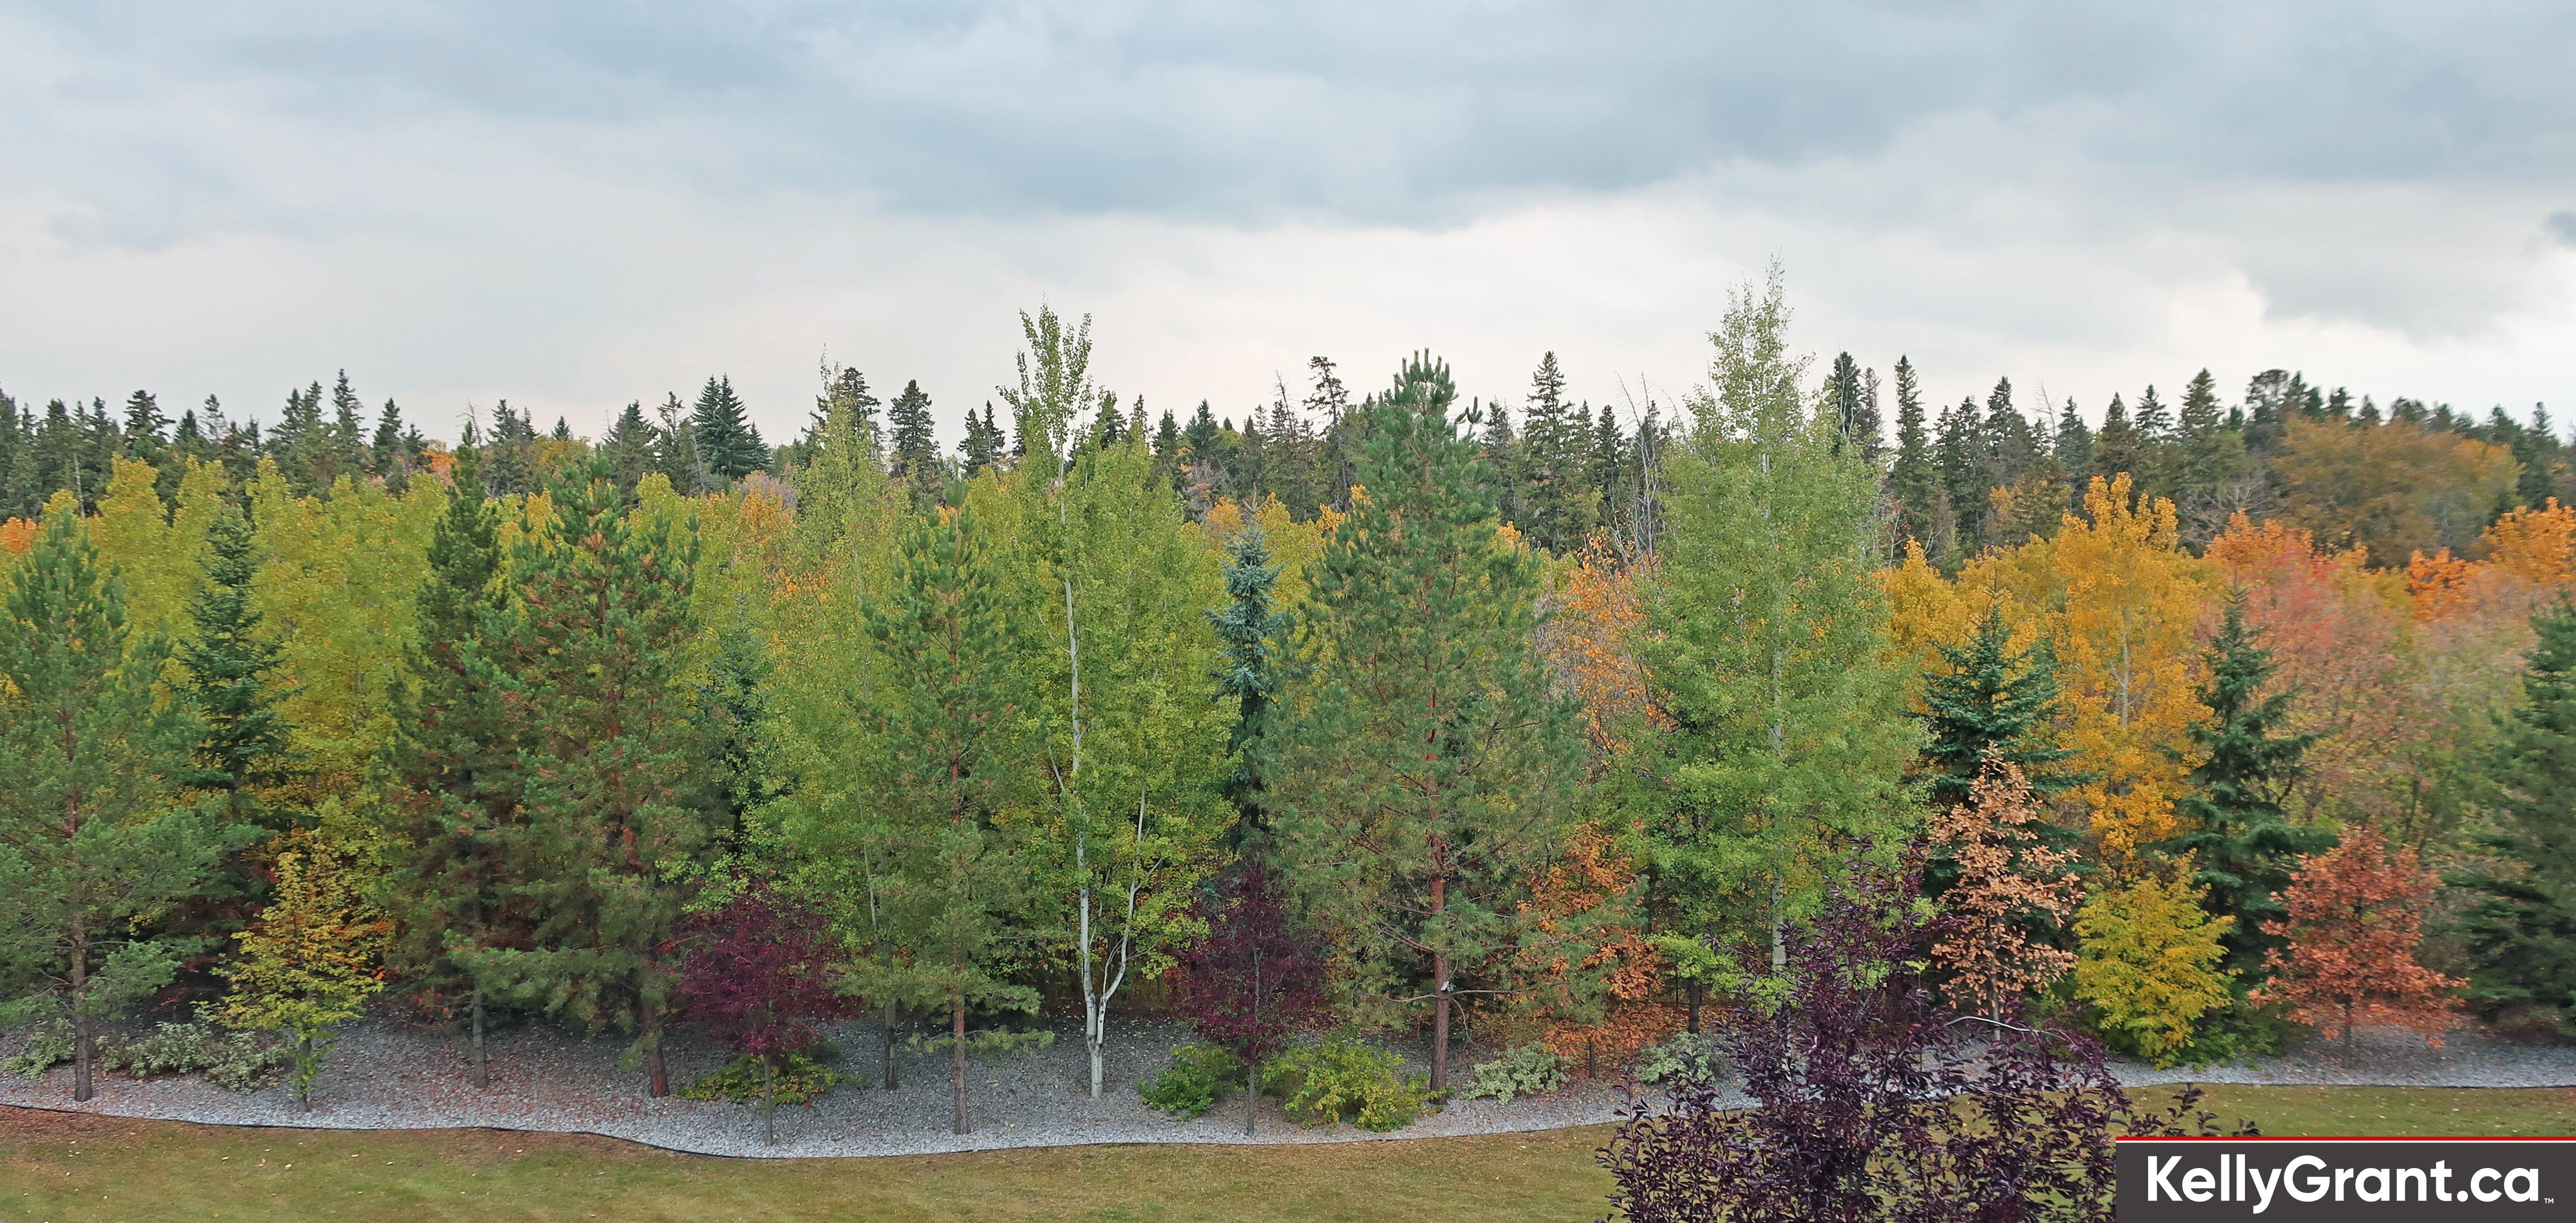 Kelly Grant Mill Creek Autumn